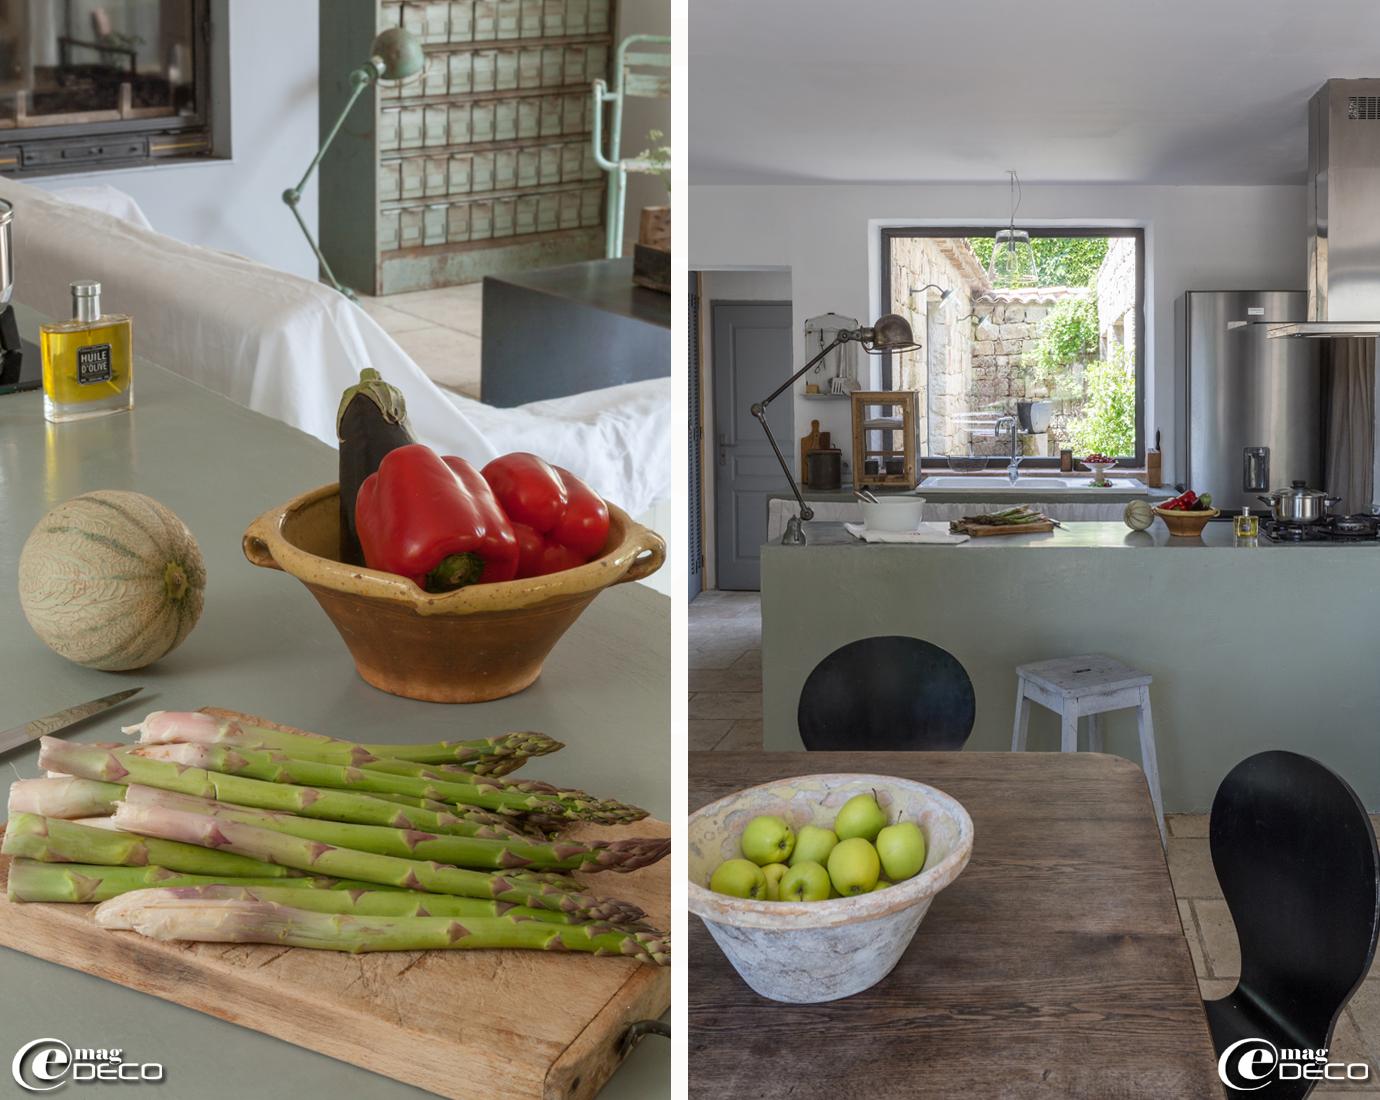 Plan de cuisine entièrement recouvert d'enduit ciré, éclairé par une lampe d'atelier Jieldé